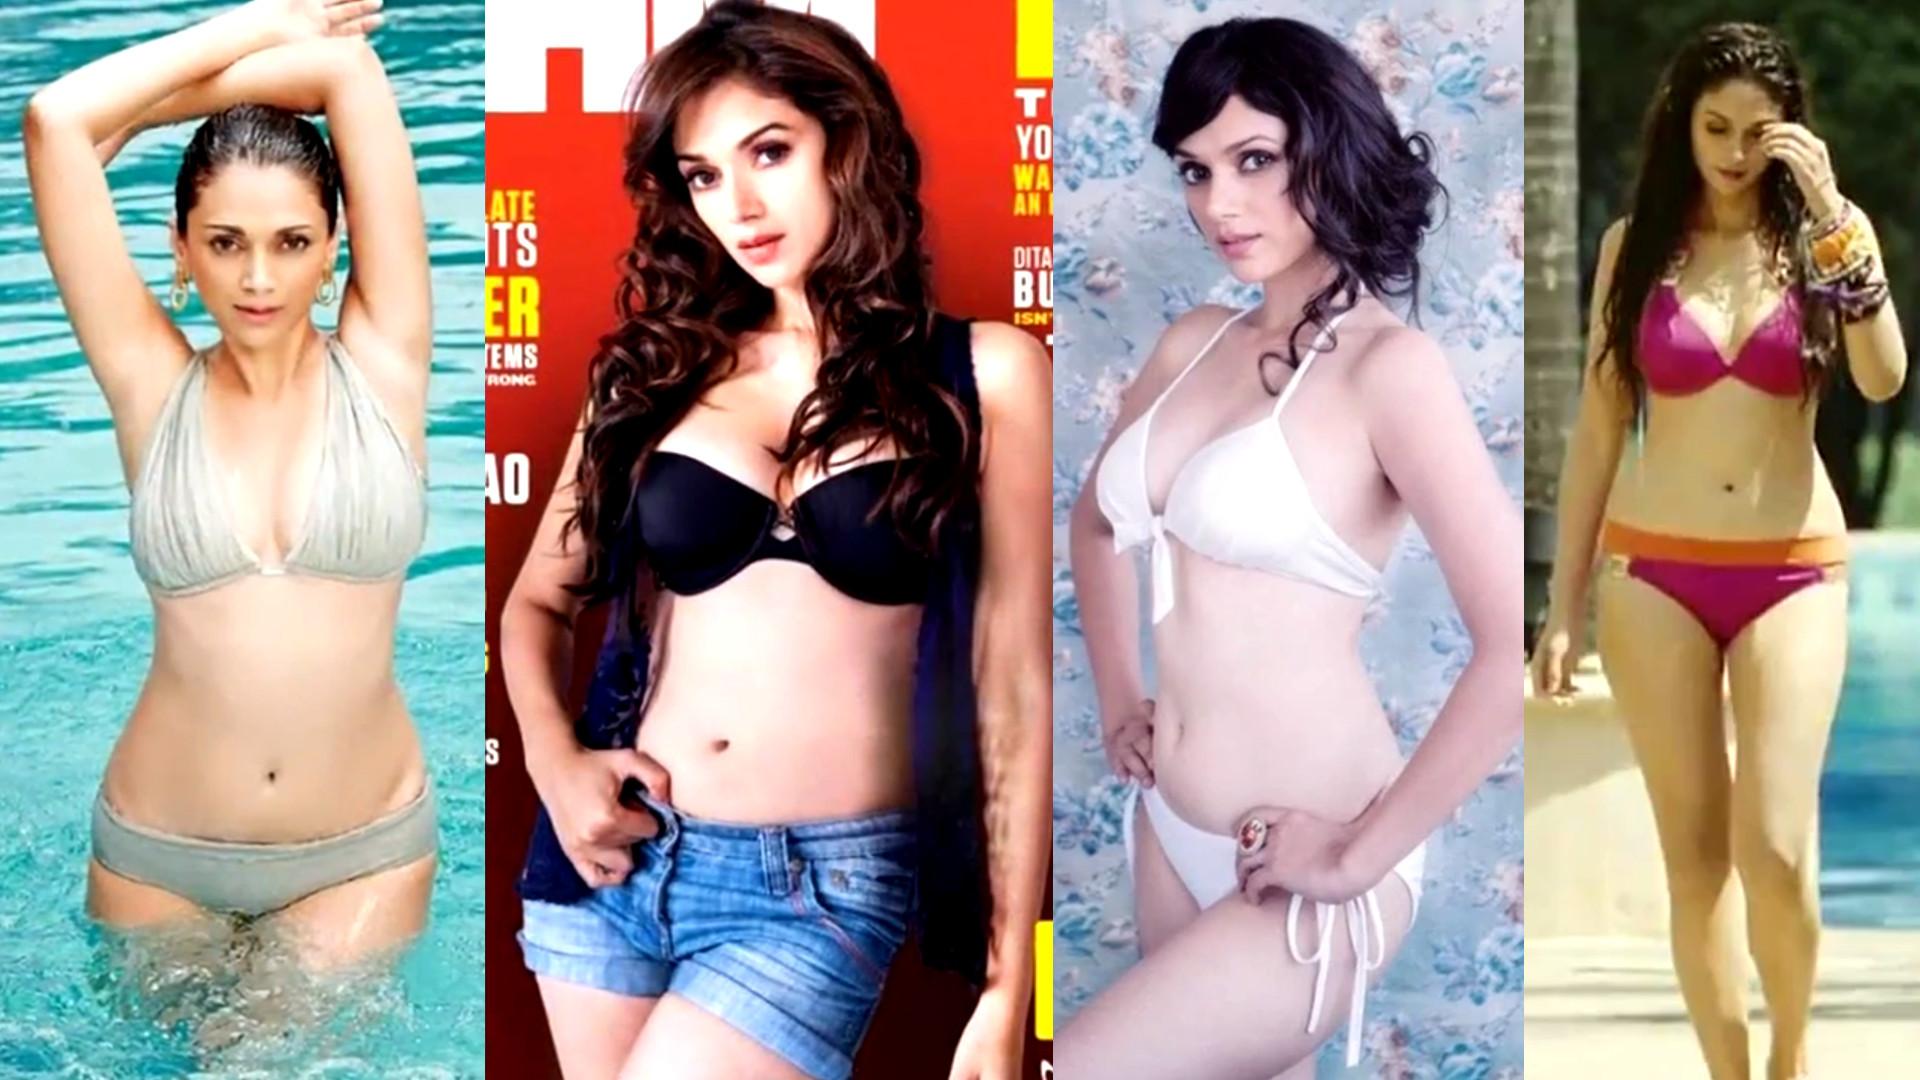 Aditi Rao Hydari Hot Bikini Swimsuit Lingerie Pics